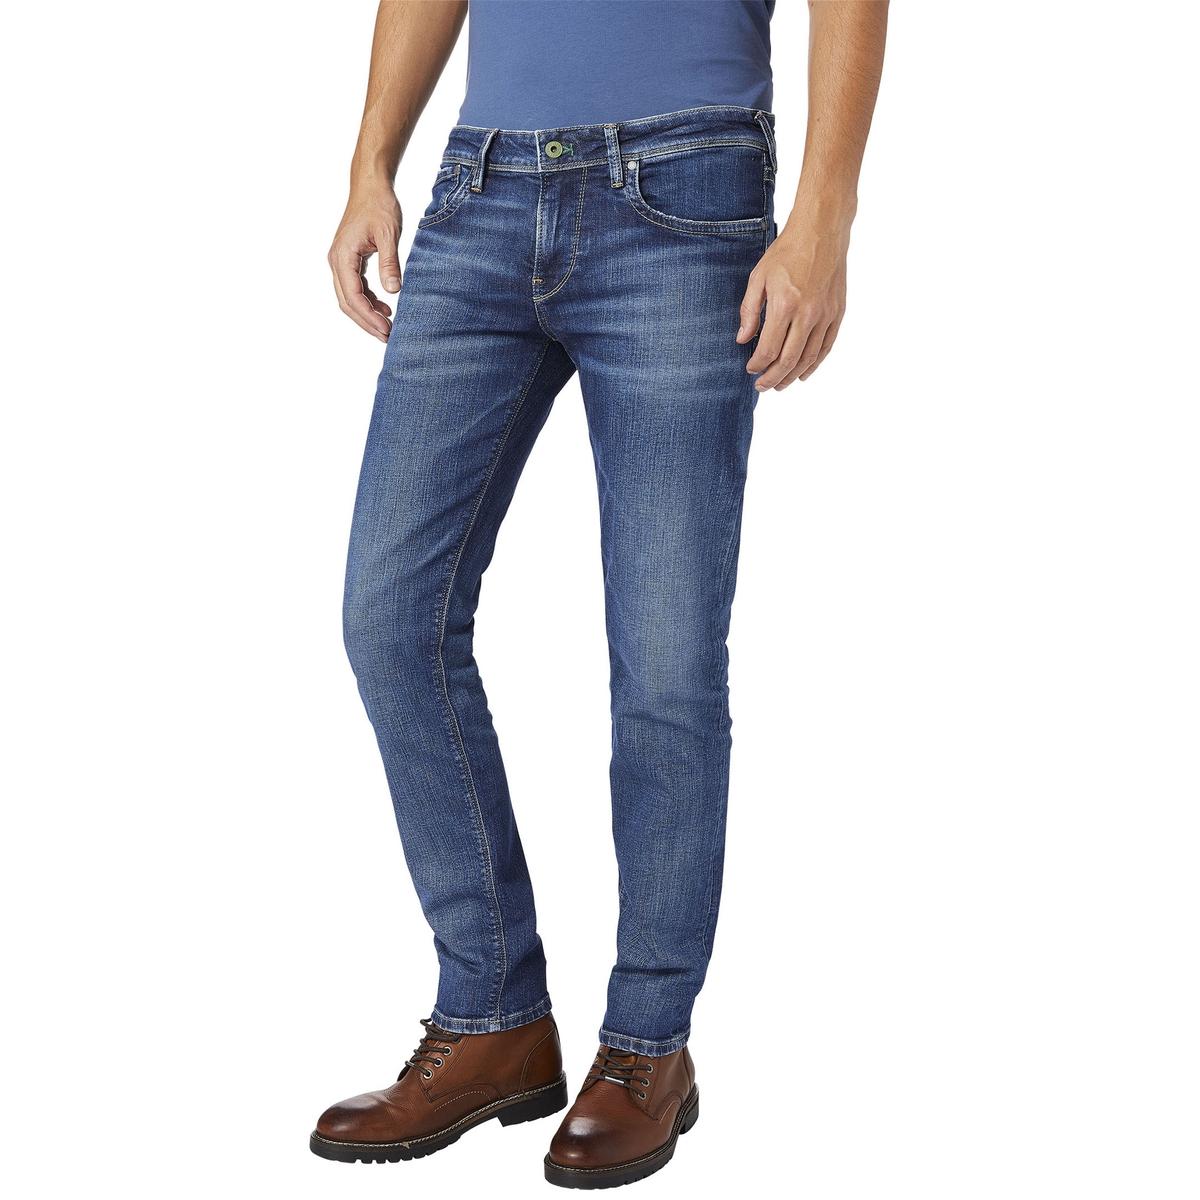 Джинсы узкого покроя HATCH, экологичный вытертый эффект pepe jeans фактурные джинсы